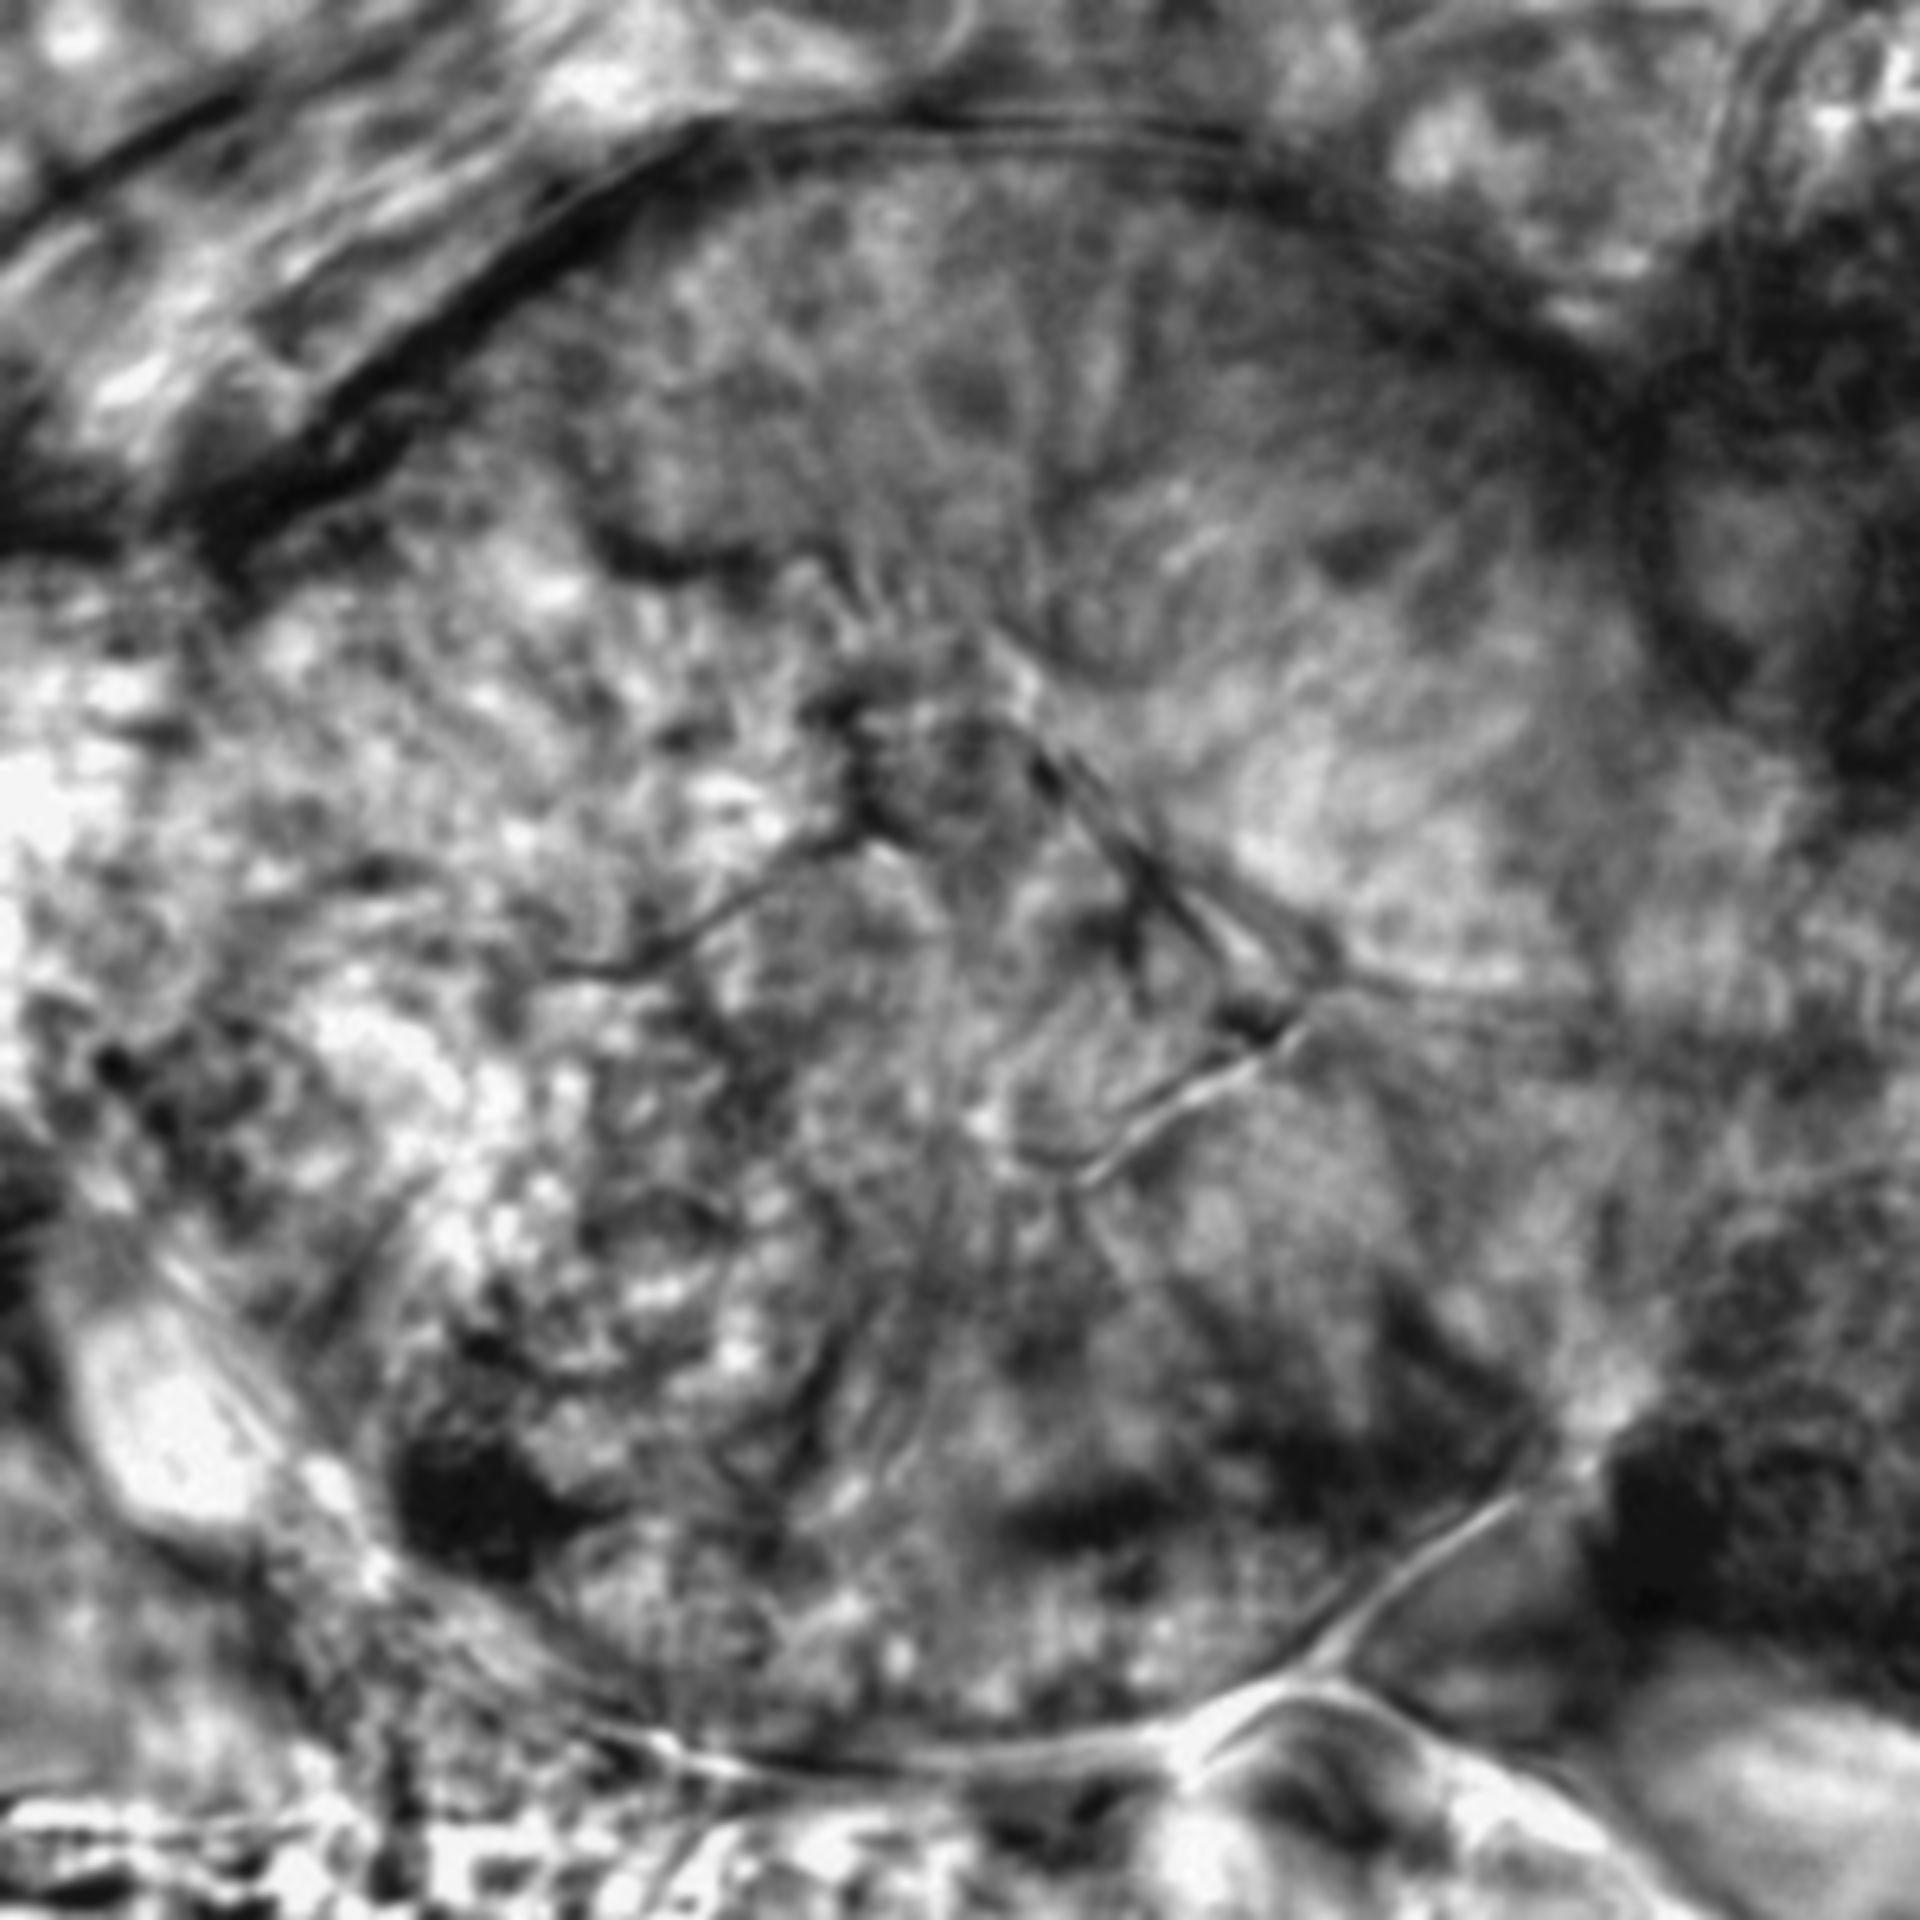 Caenorhabditis elegans - CIL:2575